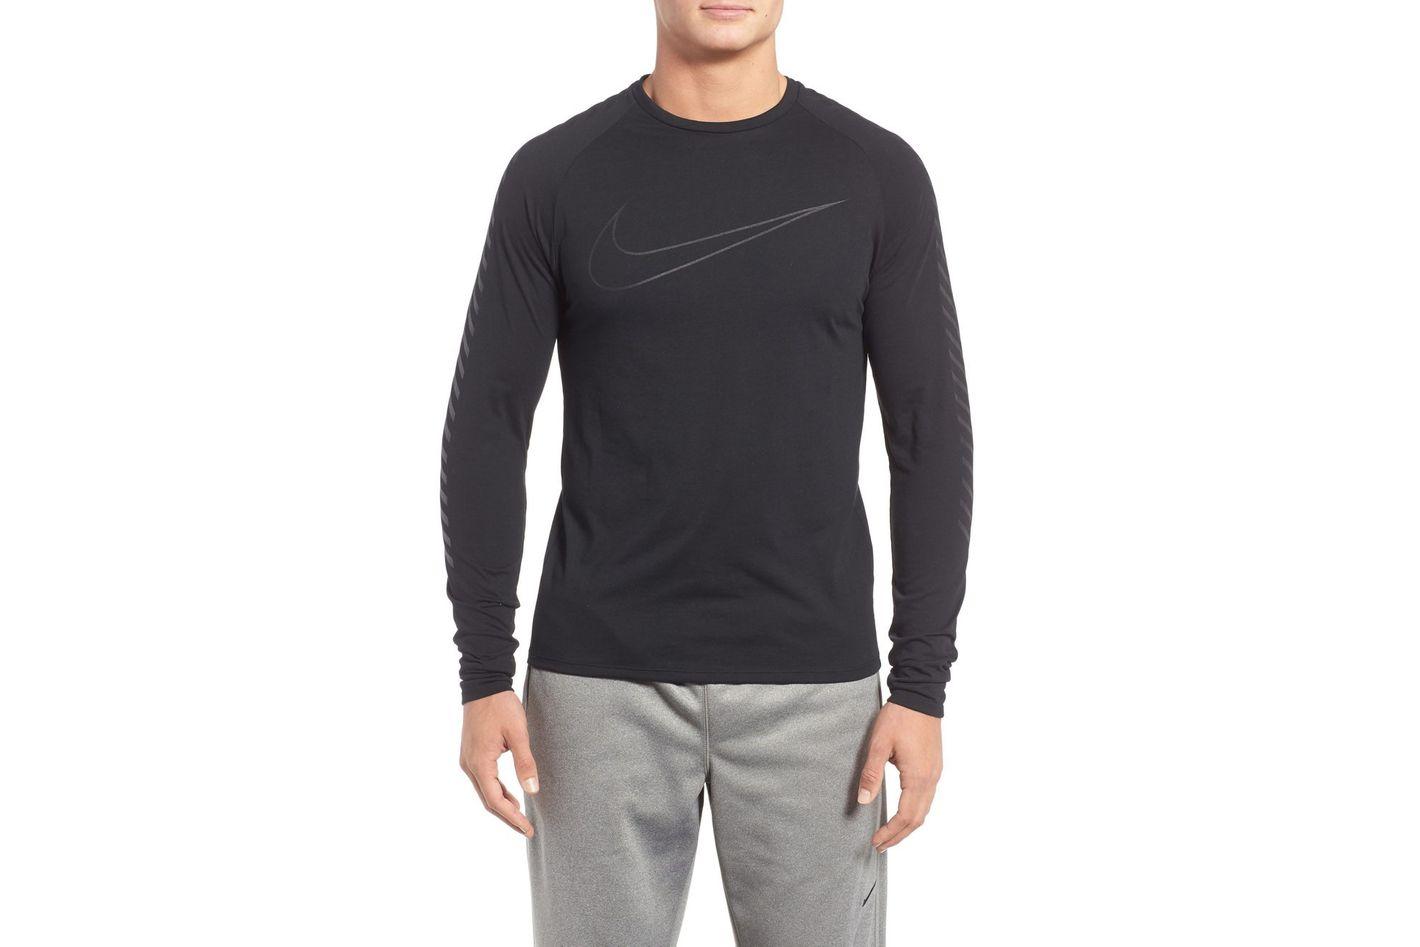 Nike Breathe City Running T-Shirt